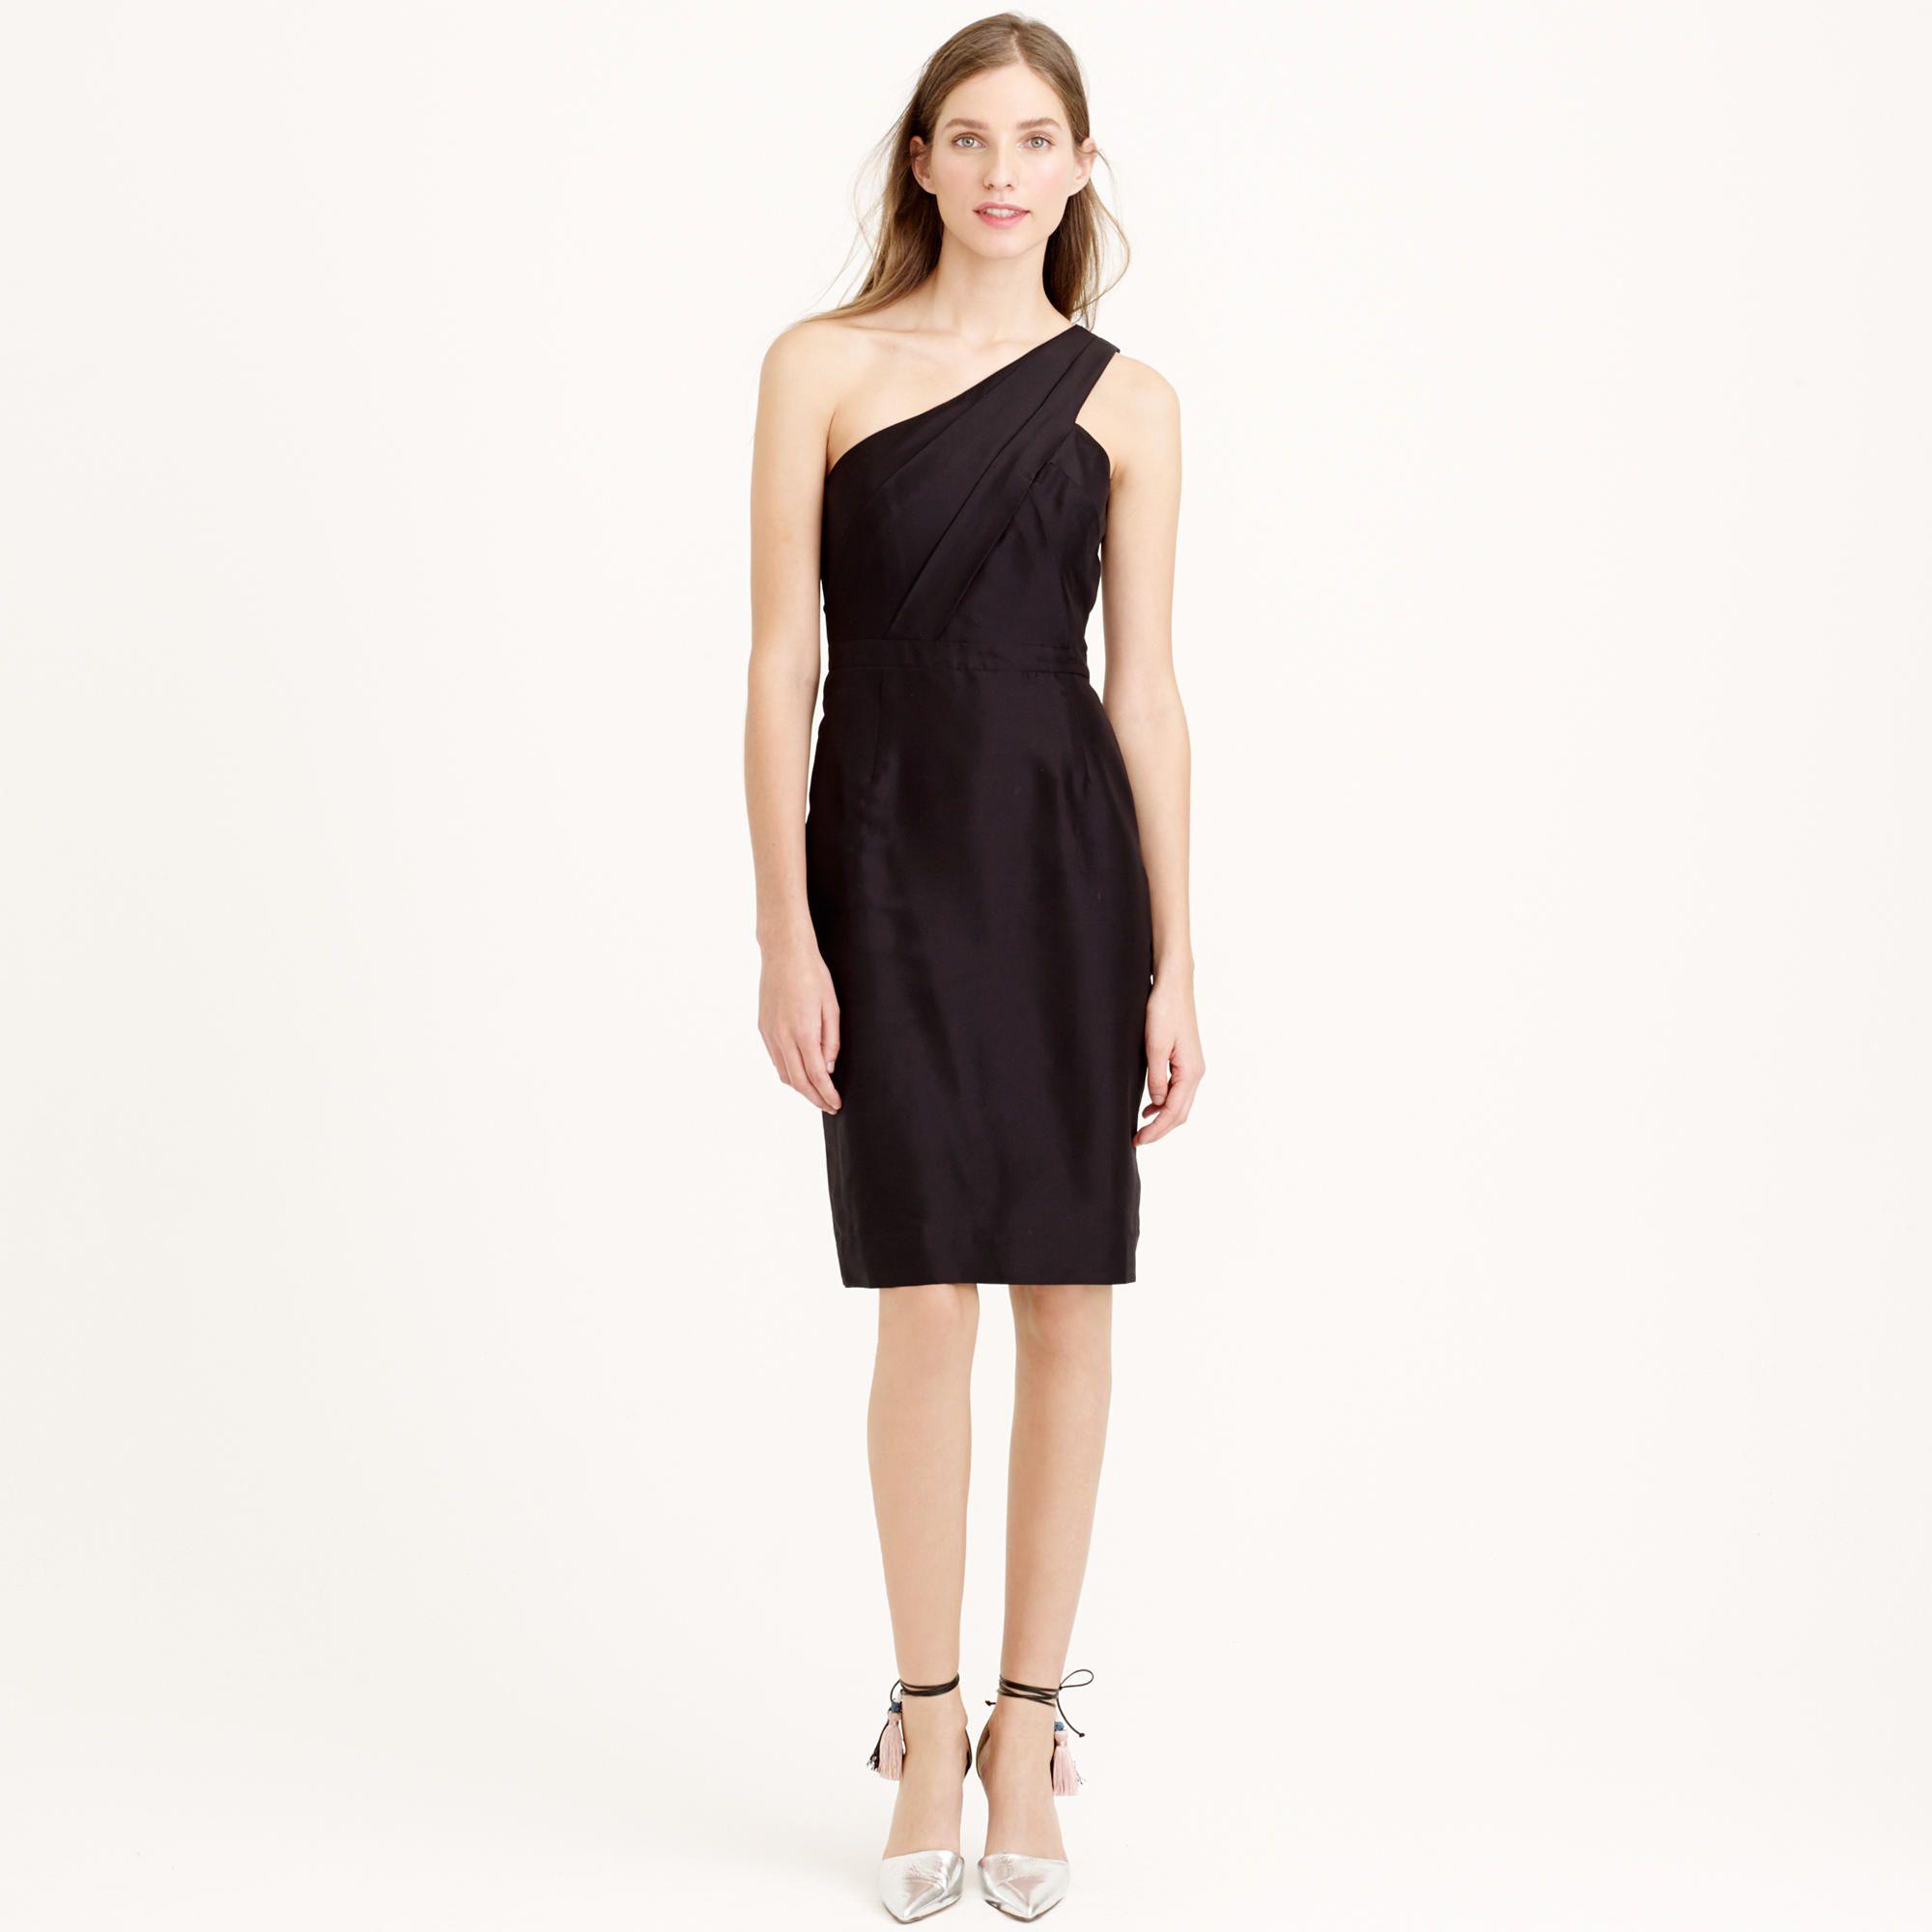 Cassie dress in slub silk : Bridesmaid | J.Crew